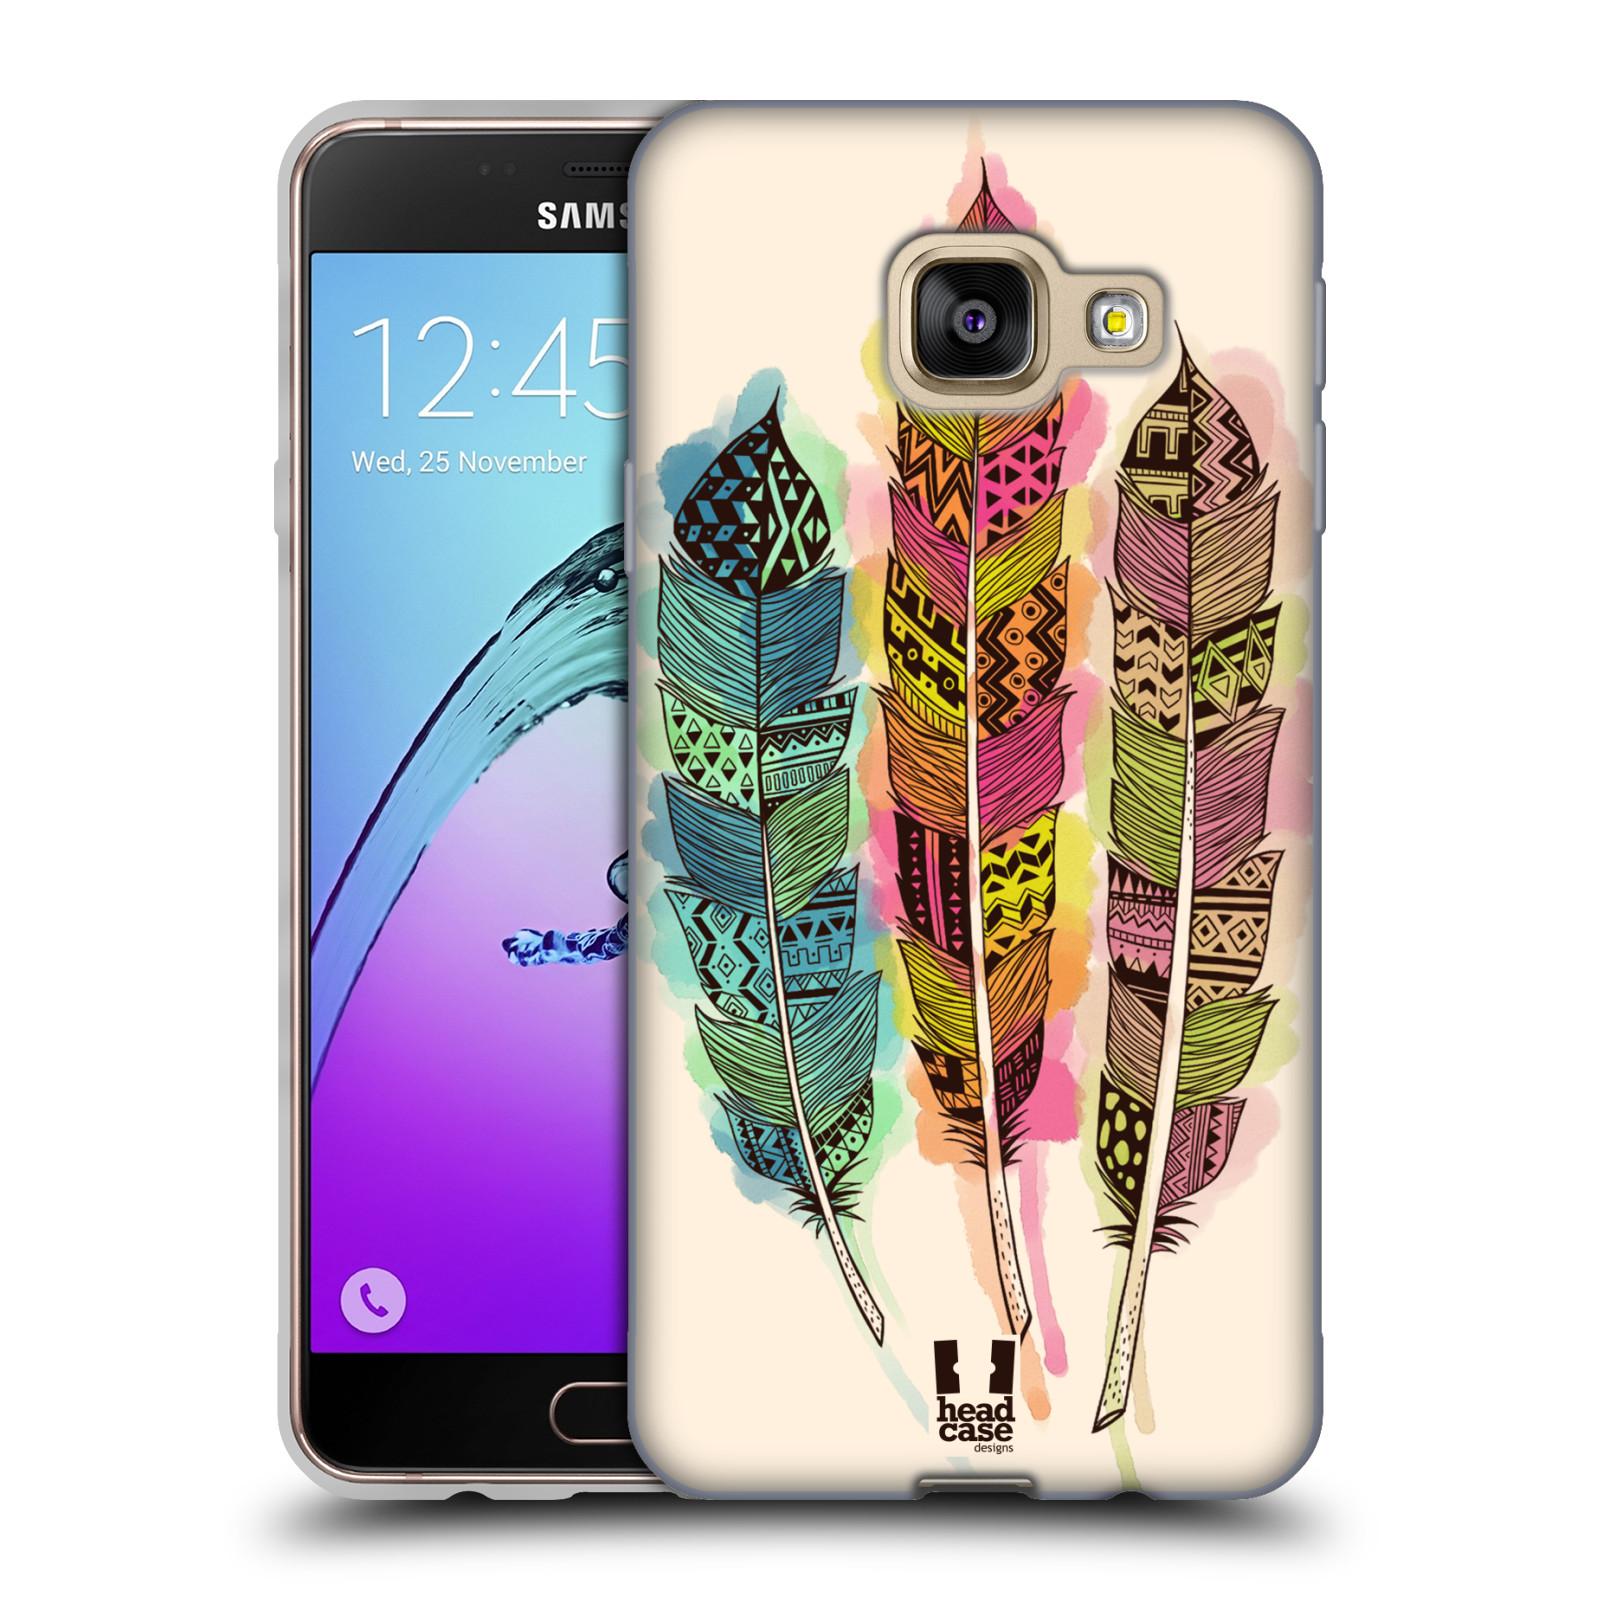 Silikonové pouzdro na mobil Samsung Galaxy A3 (2016) HEAD CASE AZTEC PÍRKA SPLASH